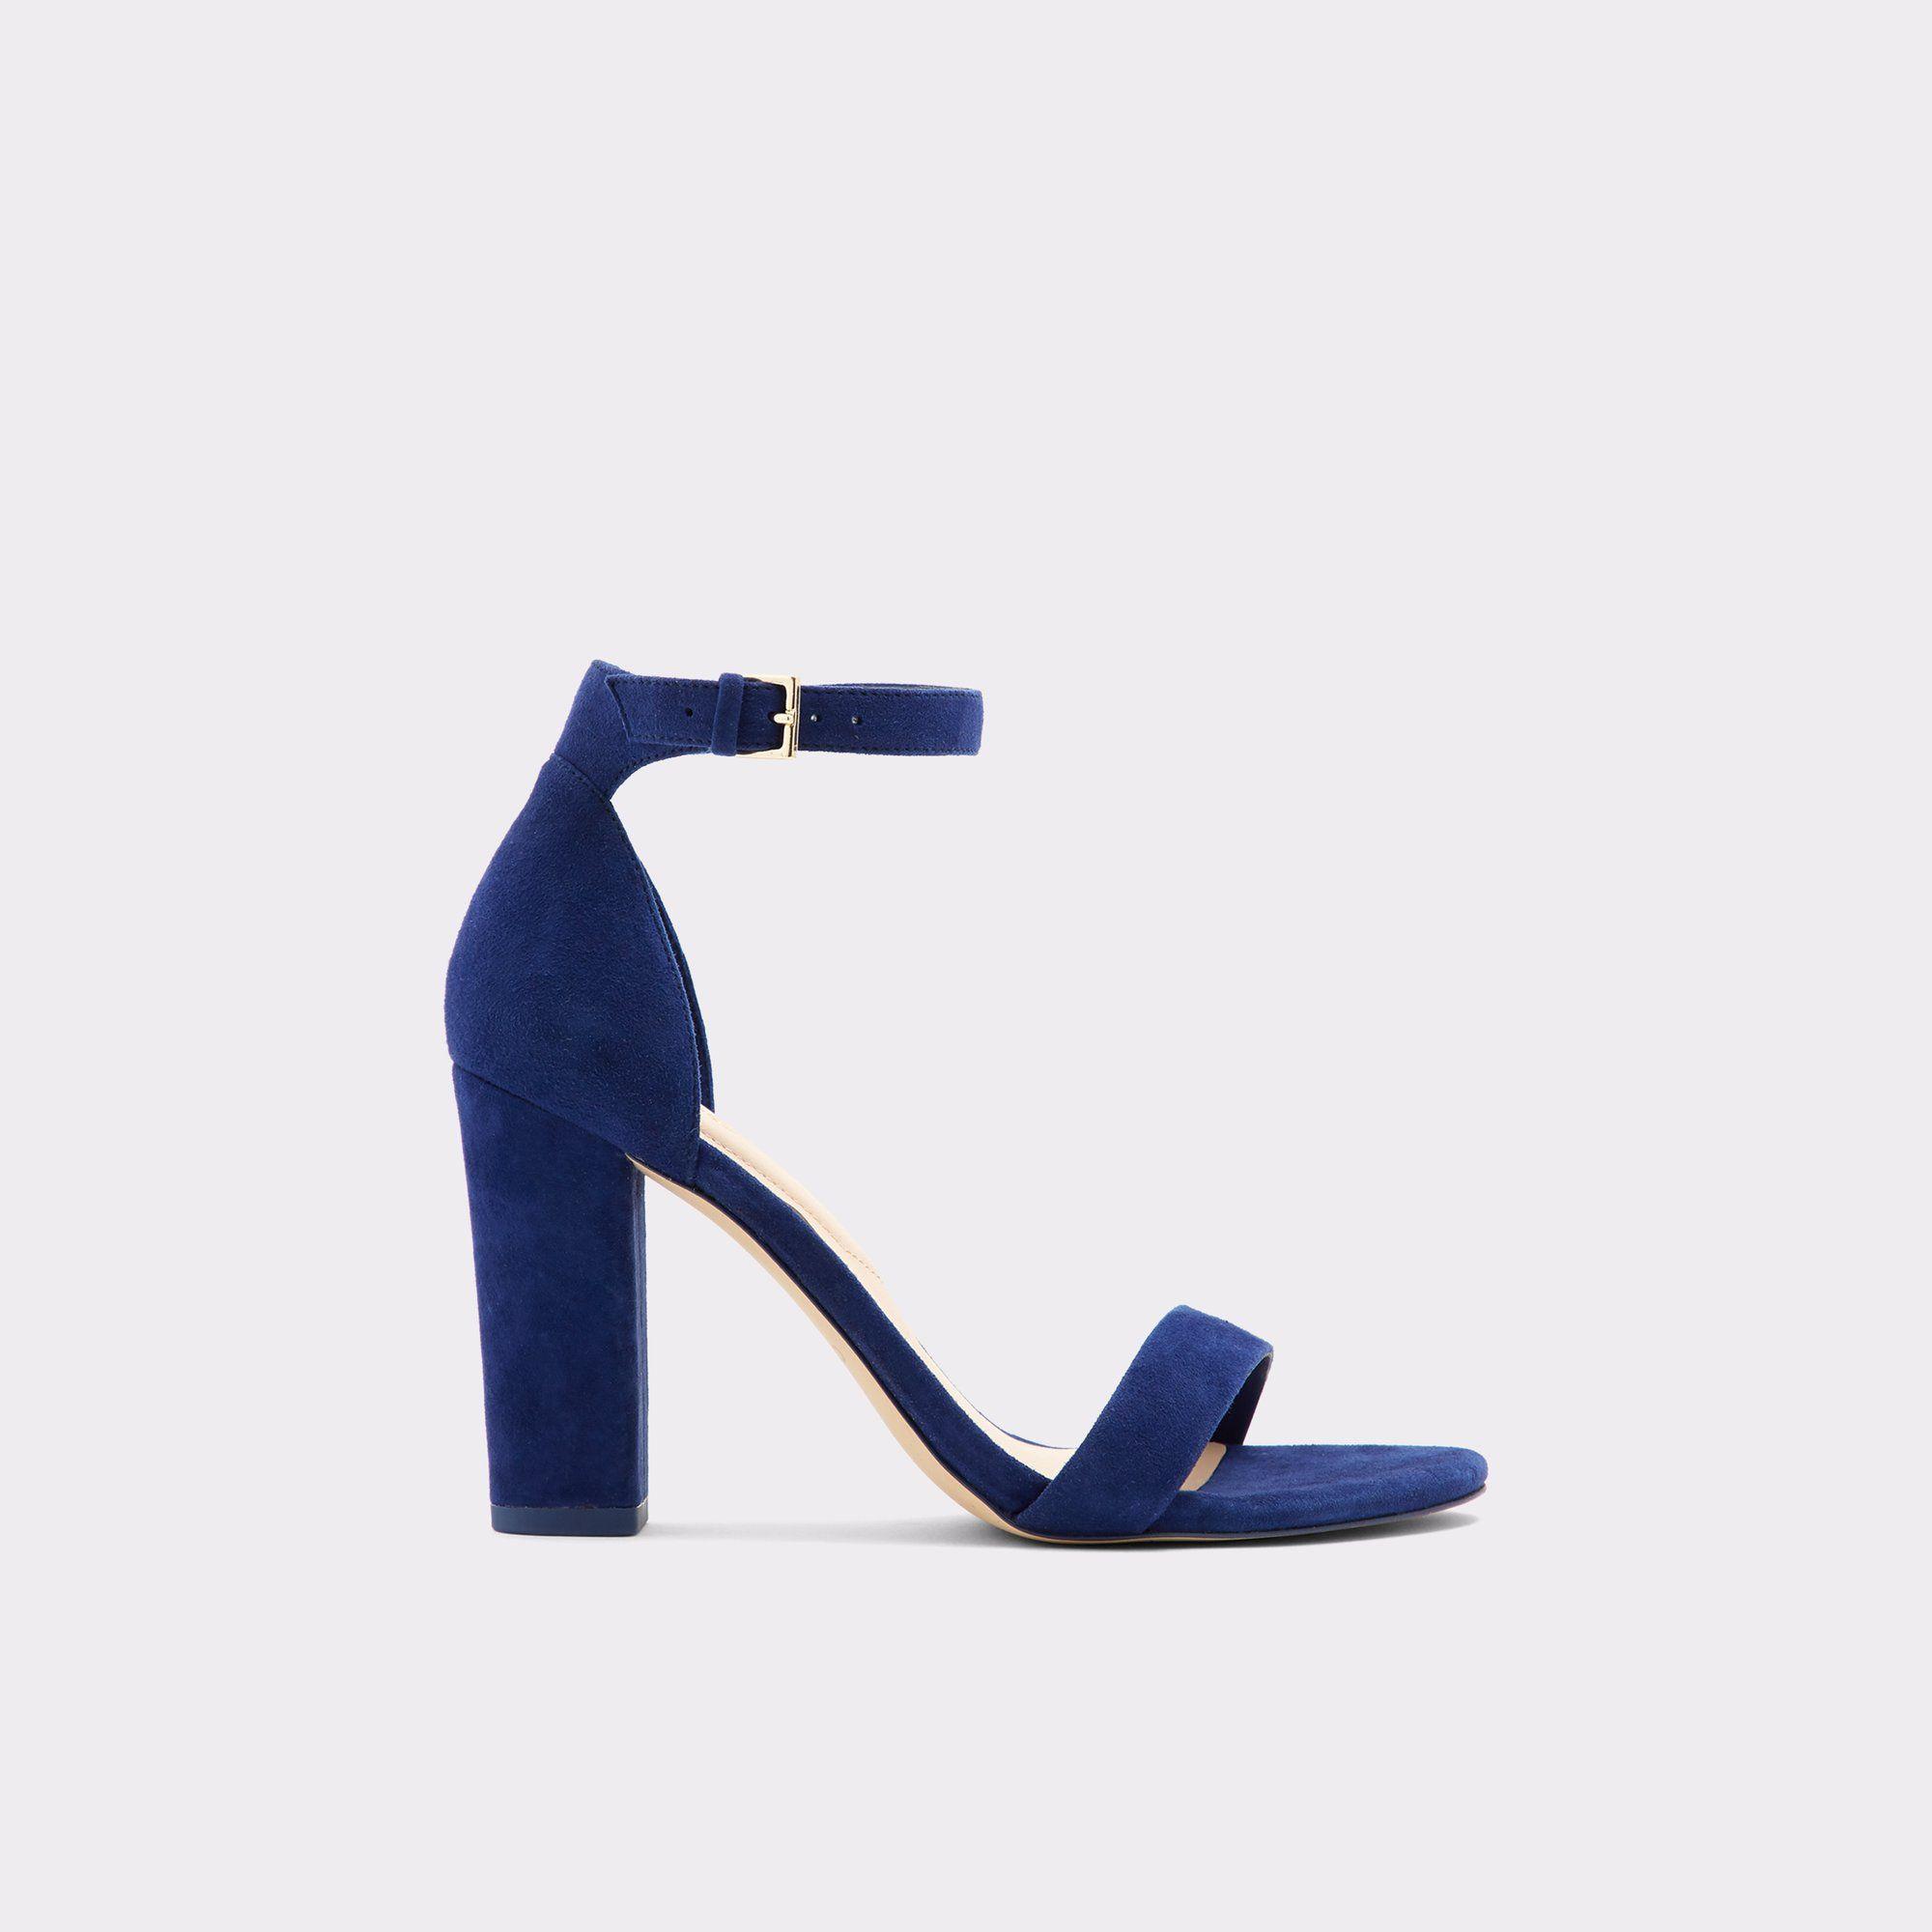 Sandals | ALDO US | Blue block heels